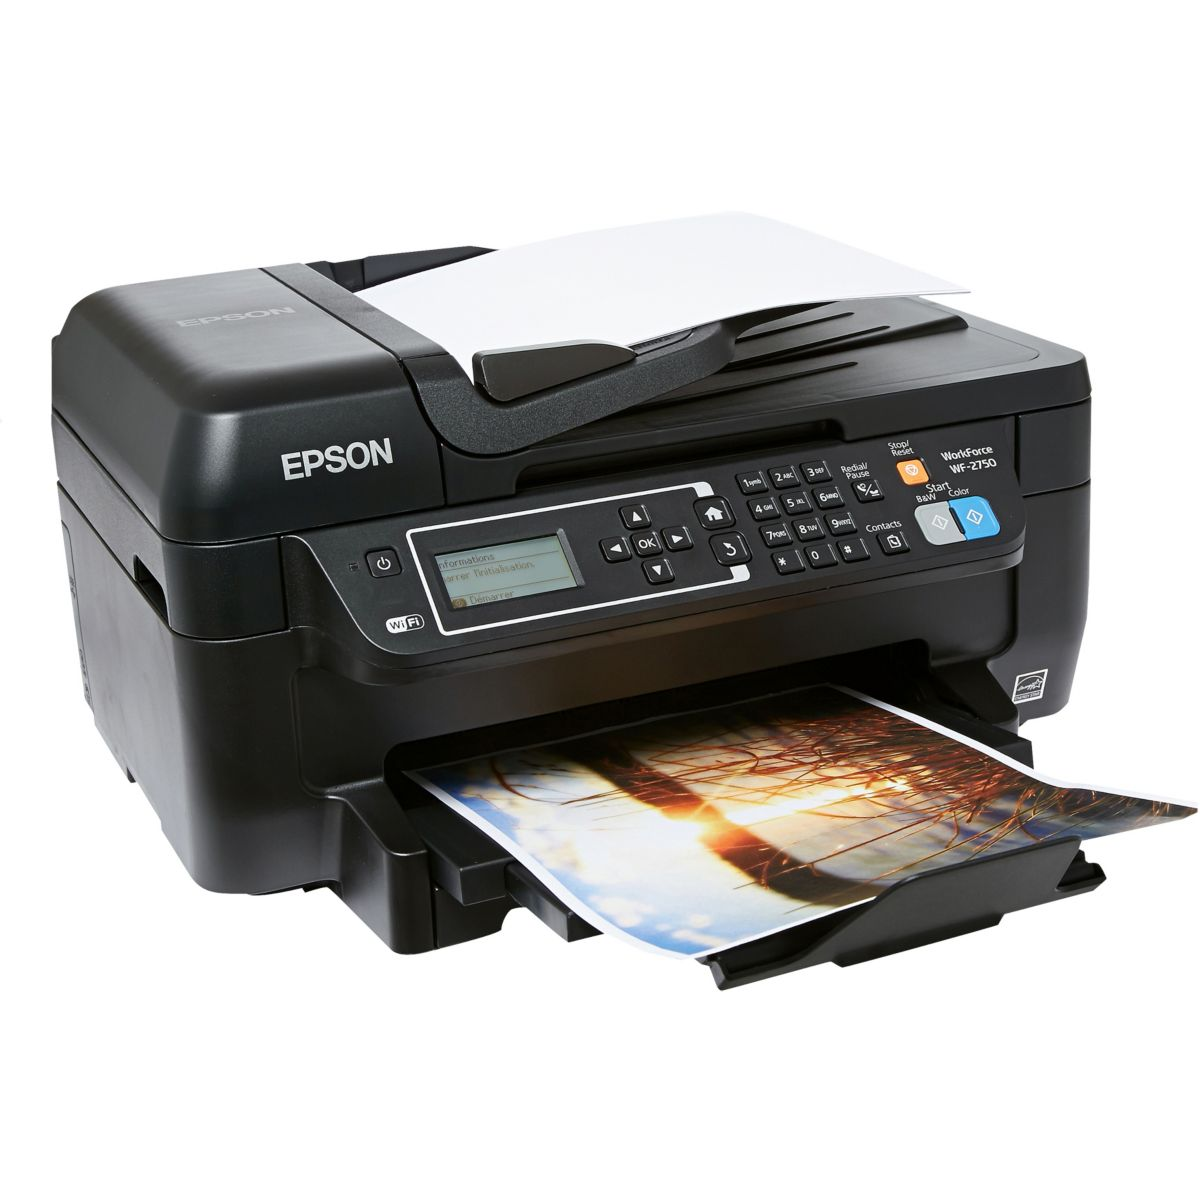 Imprimante jet d'encre EPSON WF-2750DWF